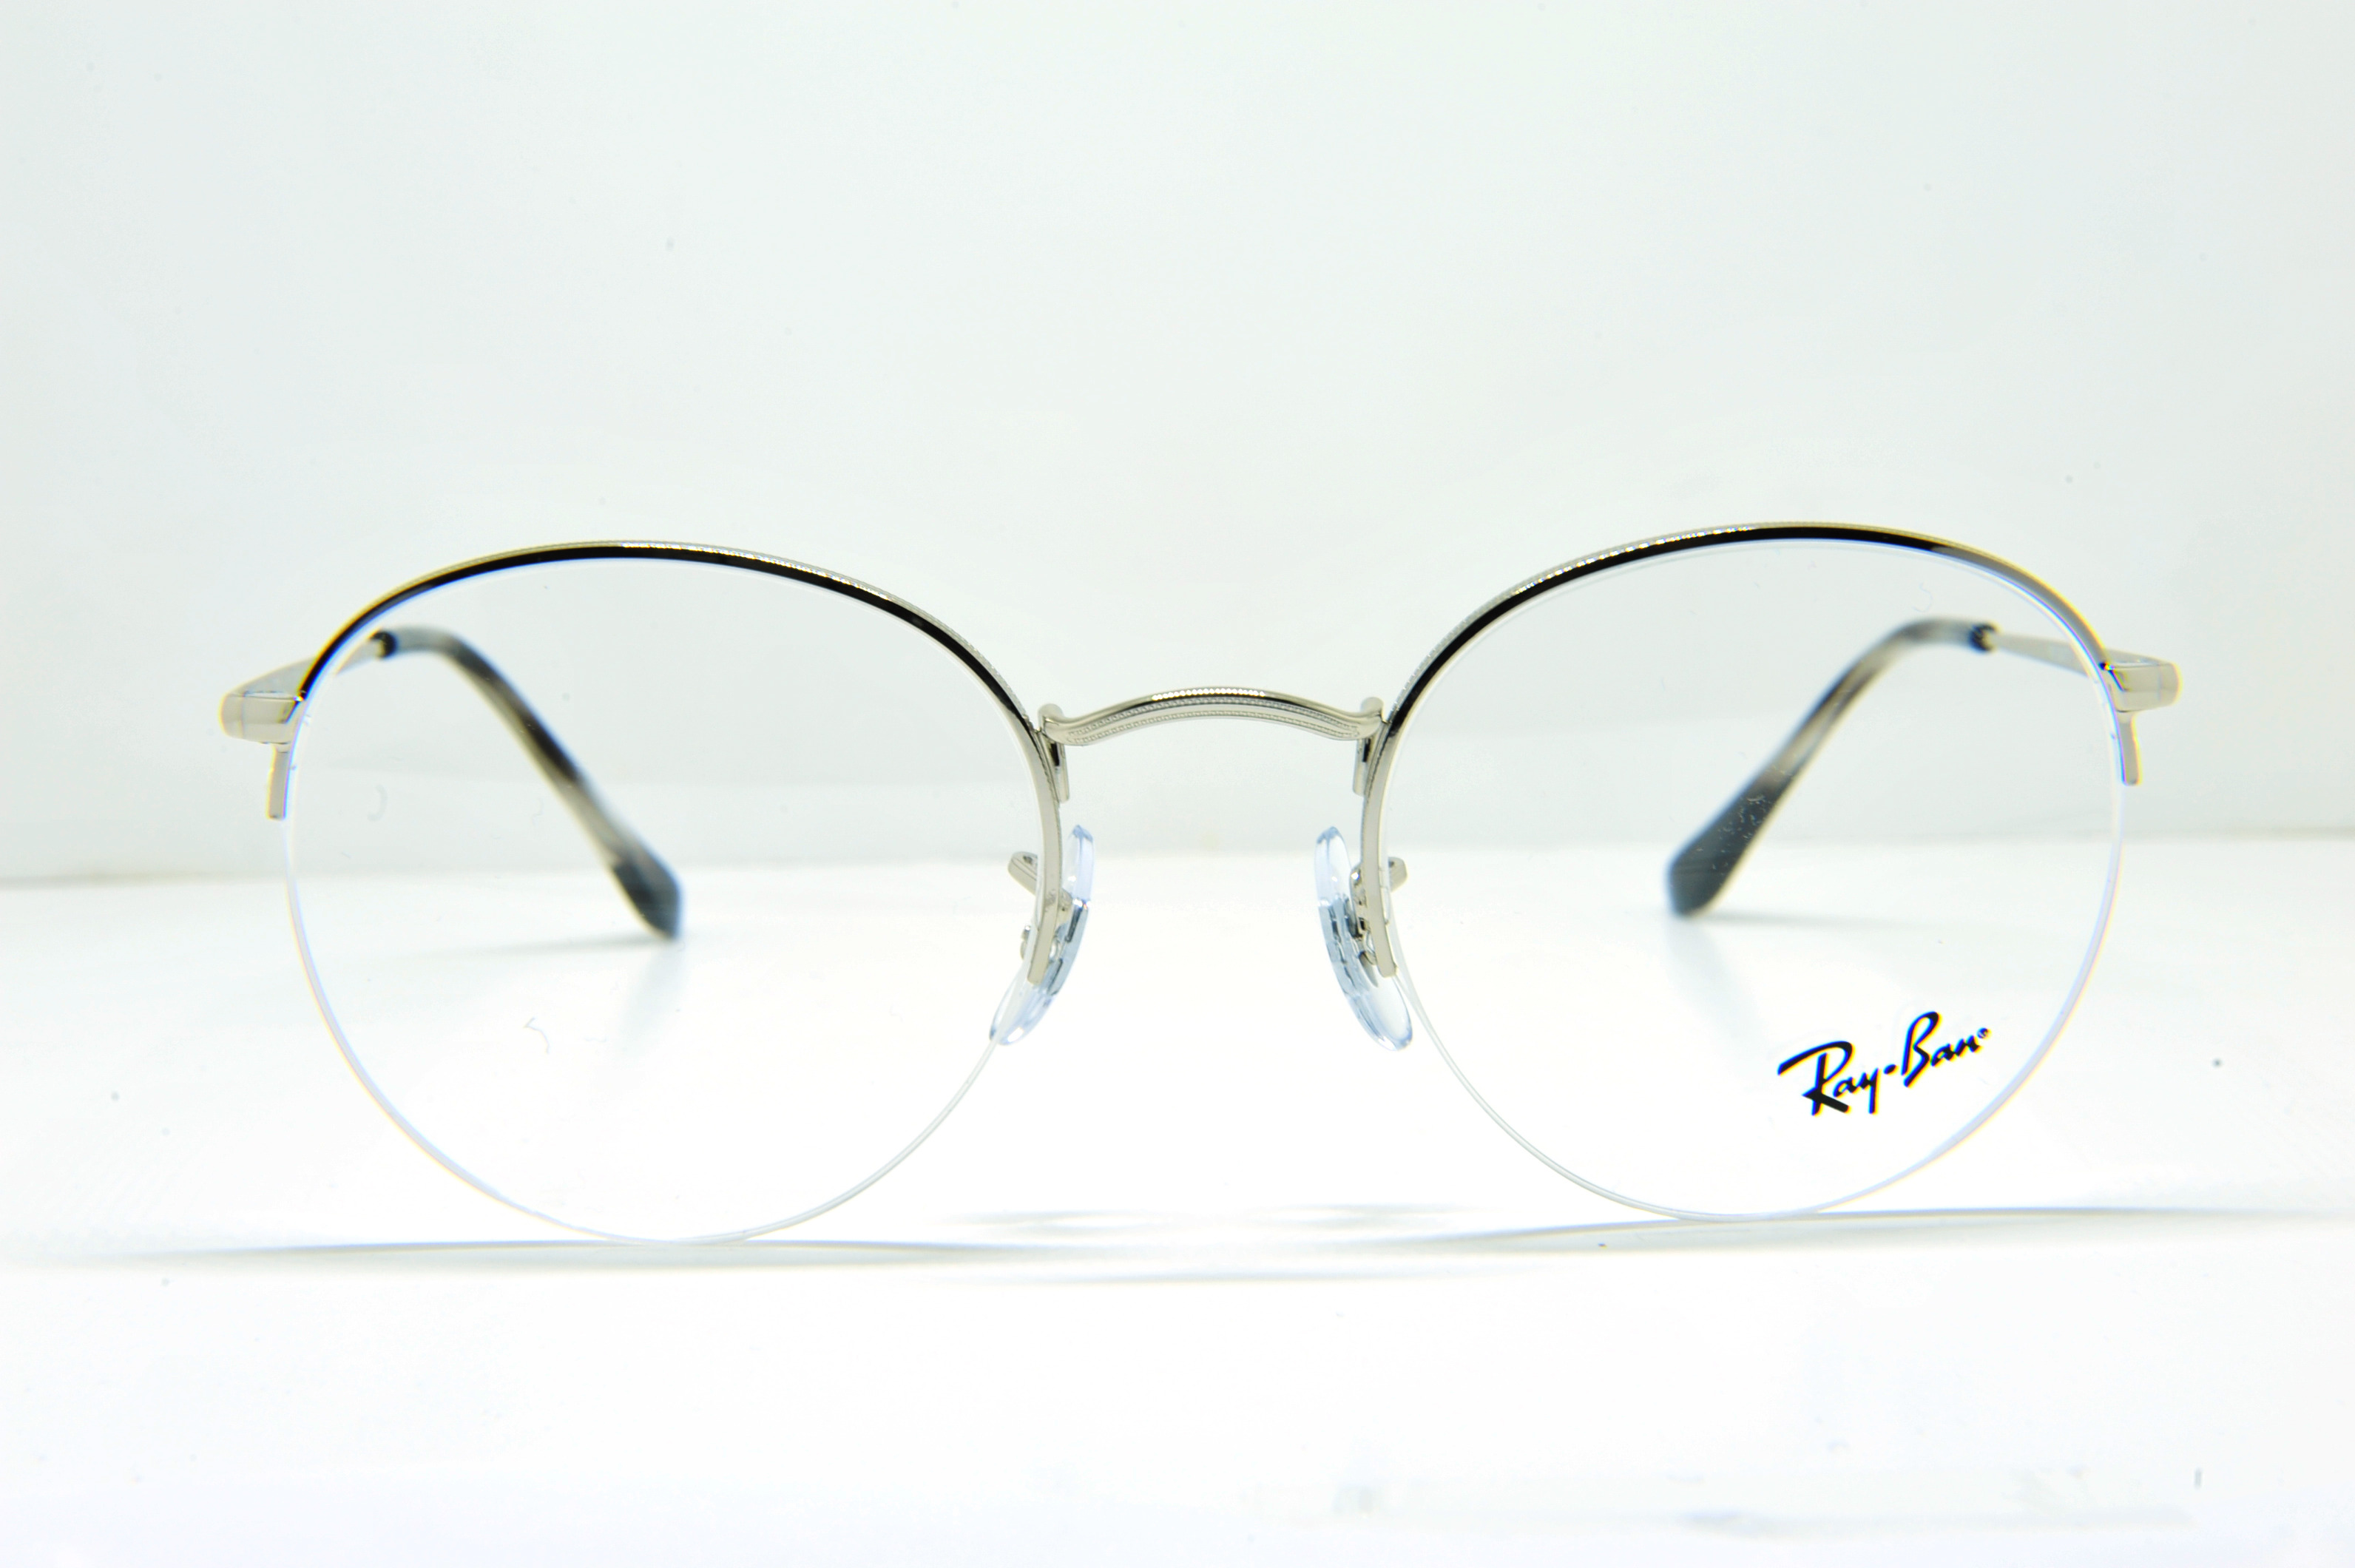 29dbed02e03 Occhiali da vista Ray ban colore argento